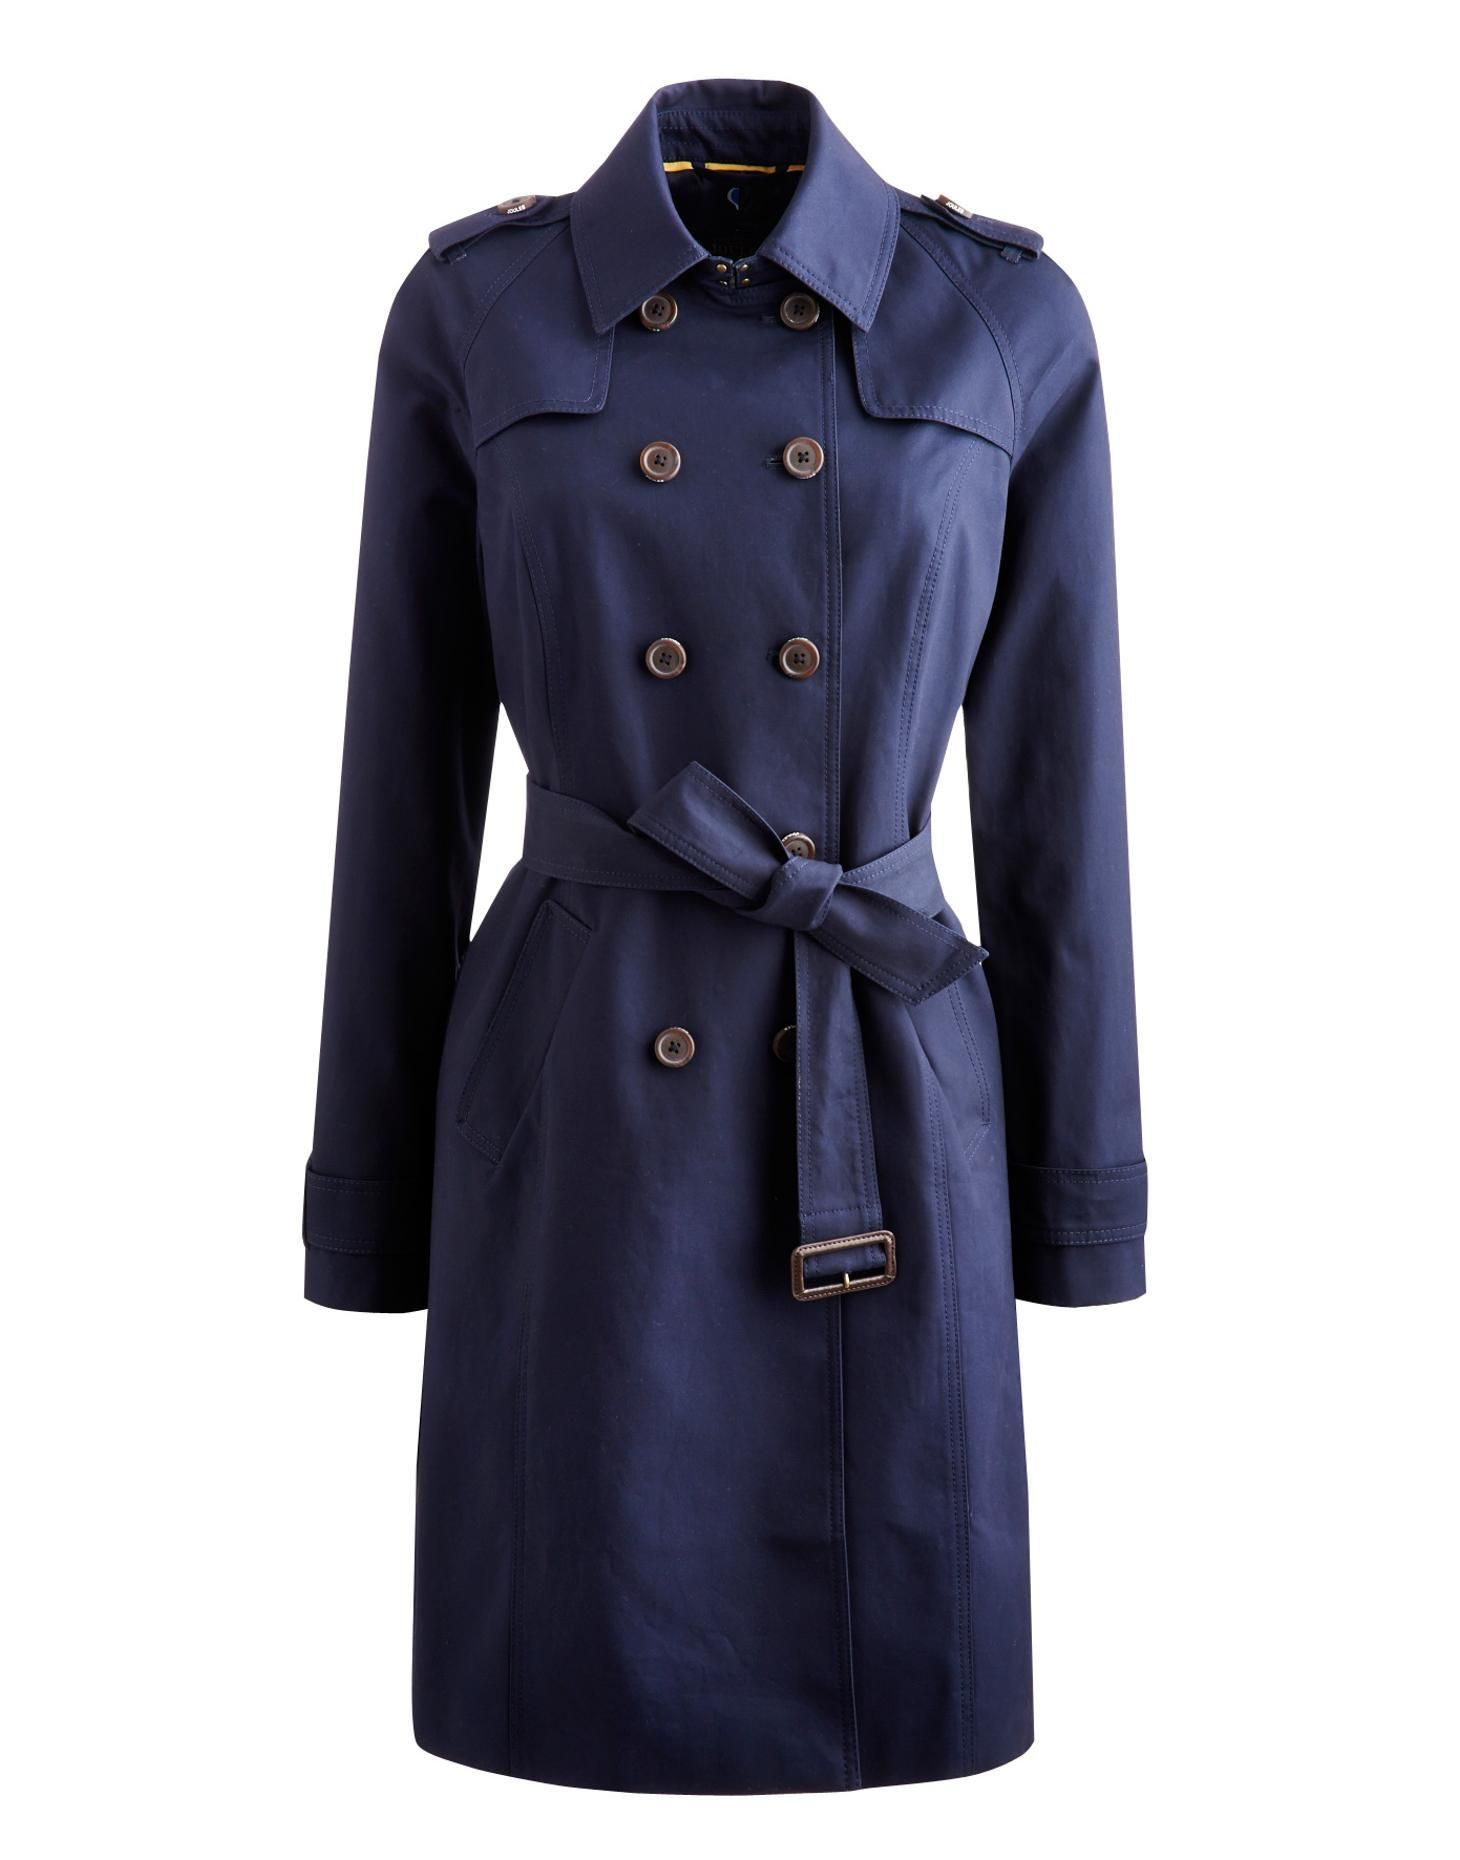 GABBY Womens Trench Coat